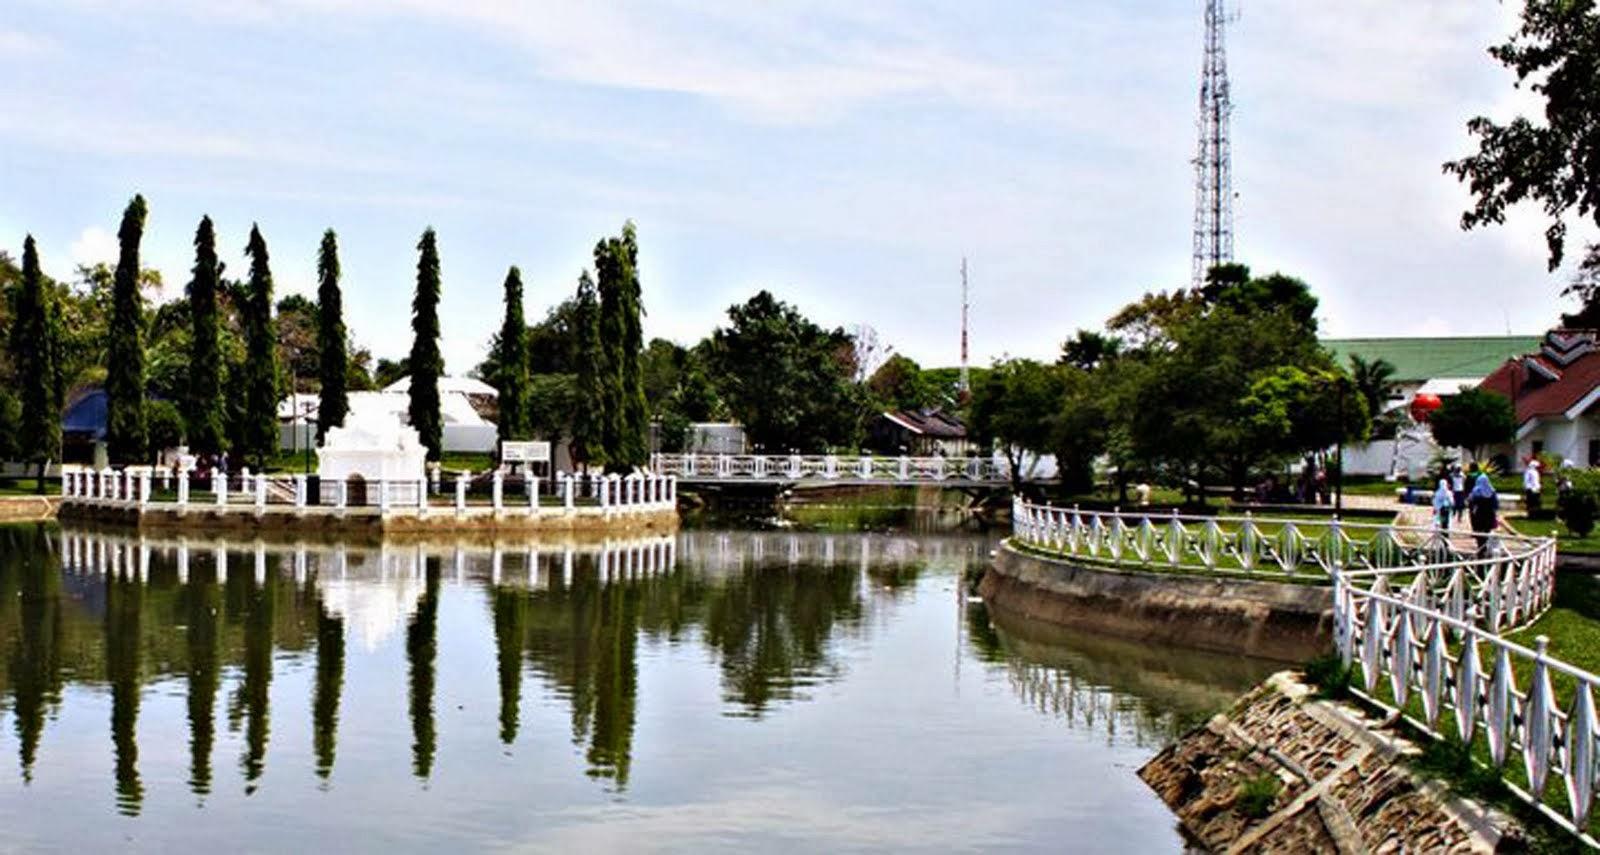 6 Tempat Wisata Yang Mempesona Di Banda Aceh Wisata Nusantara